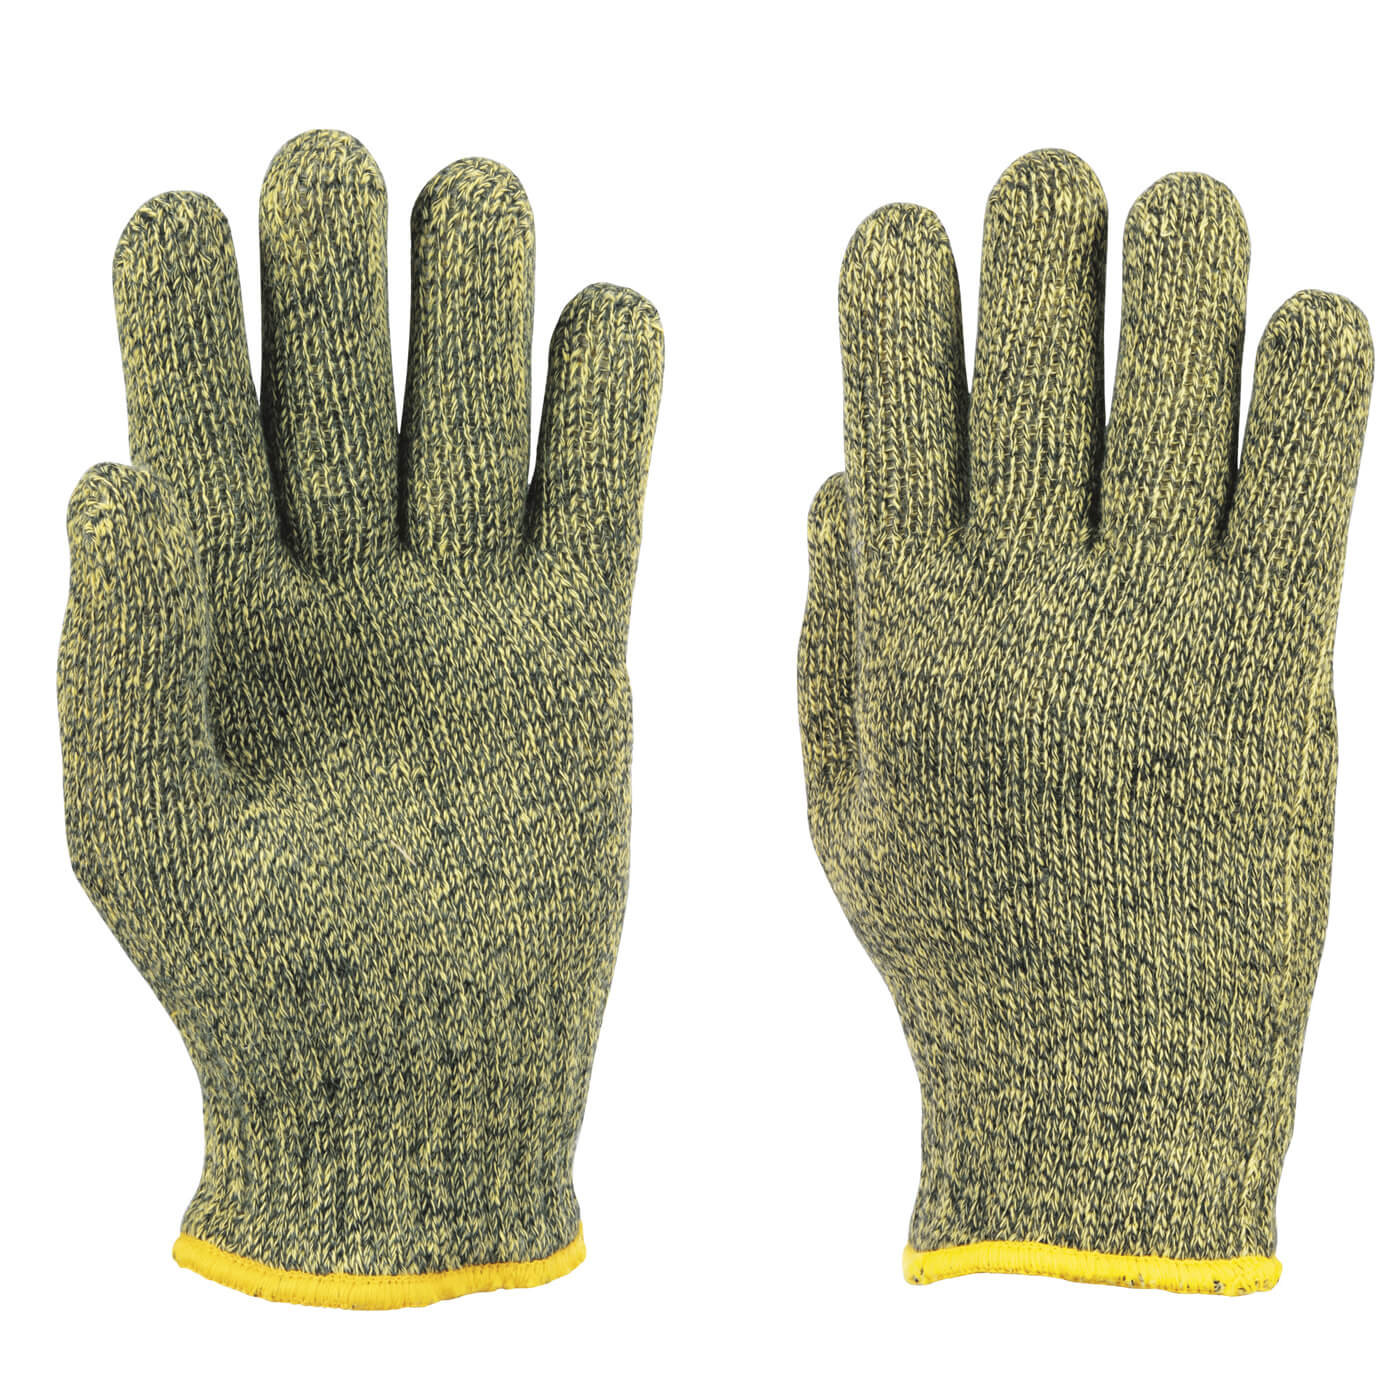 Rękawice termiczne KCL 950 KARBOTECT